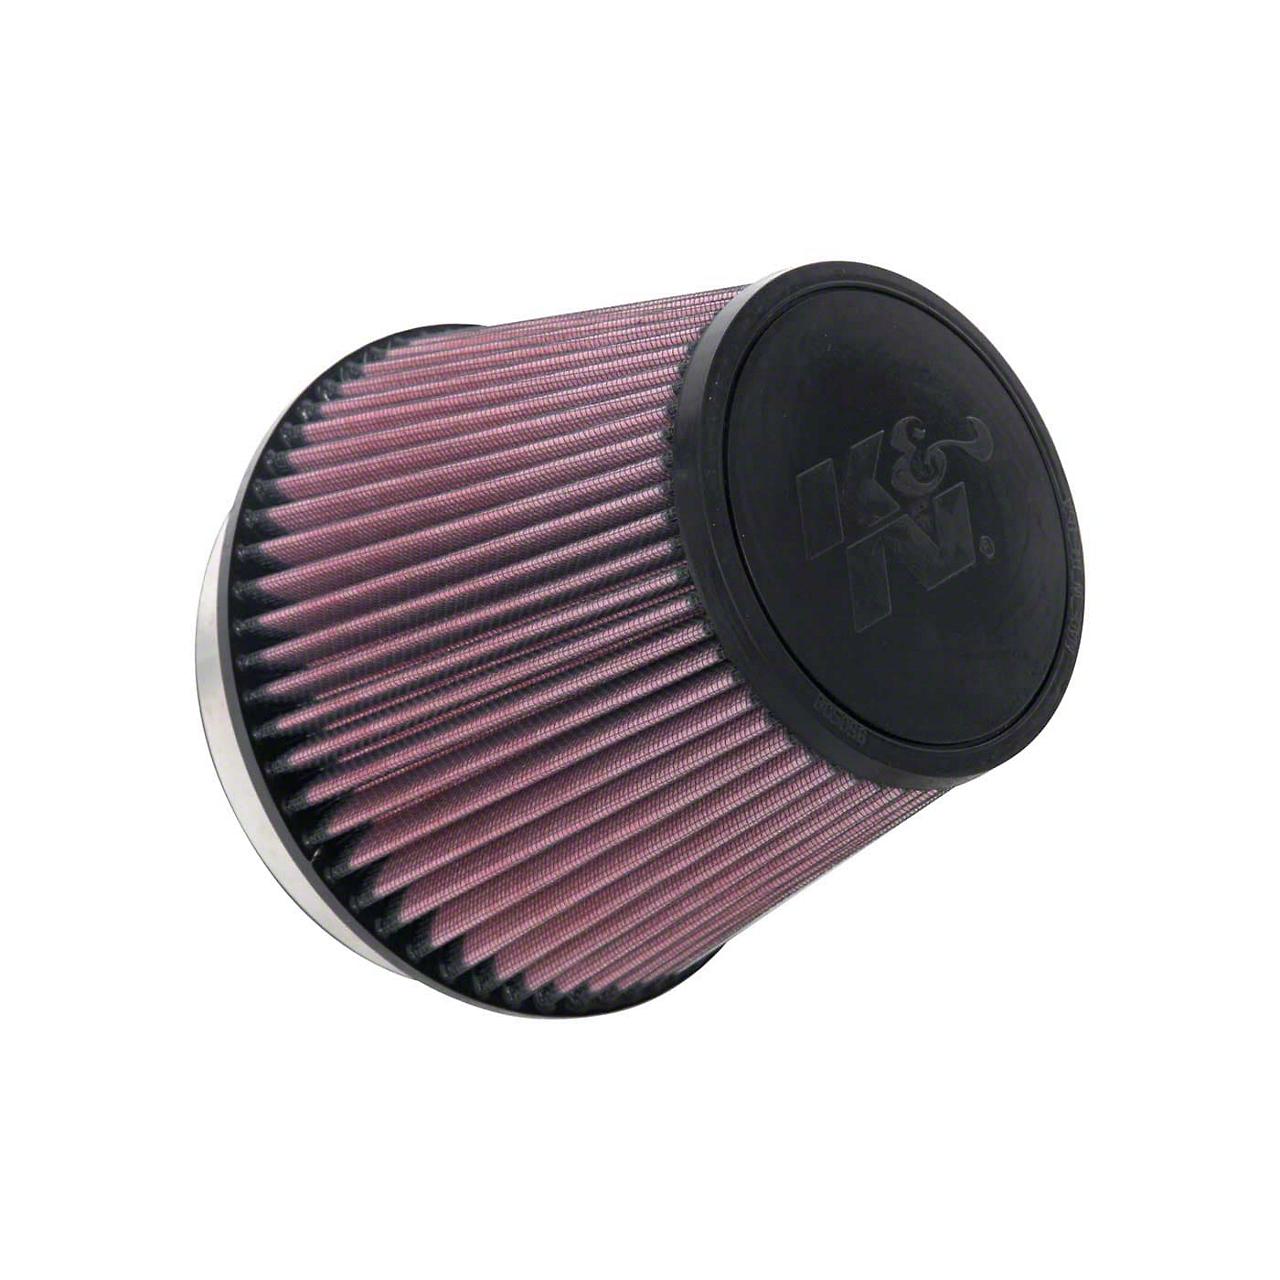 K&N Intake Replacement Filter (96-04 GT)